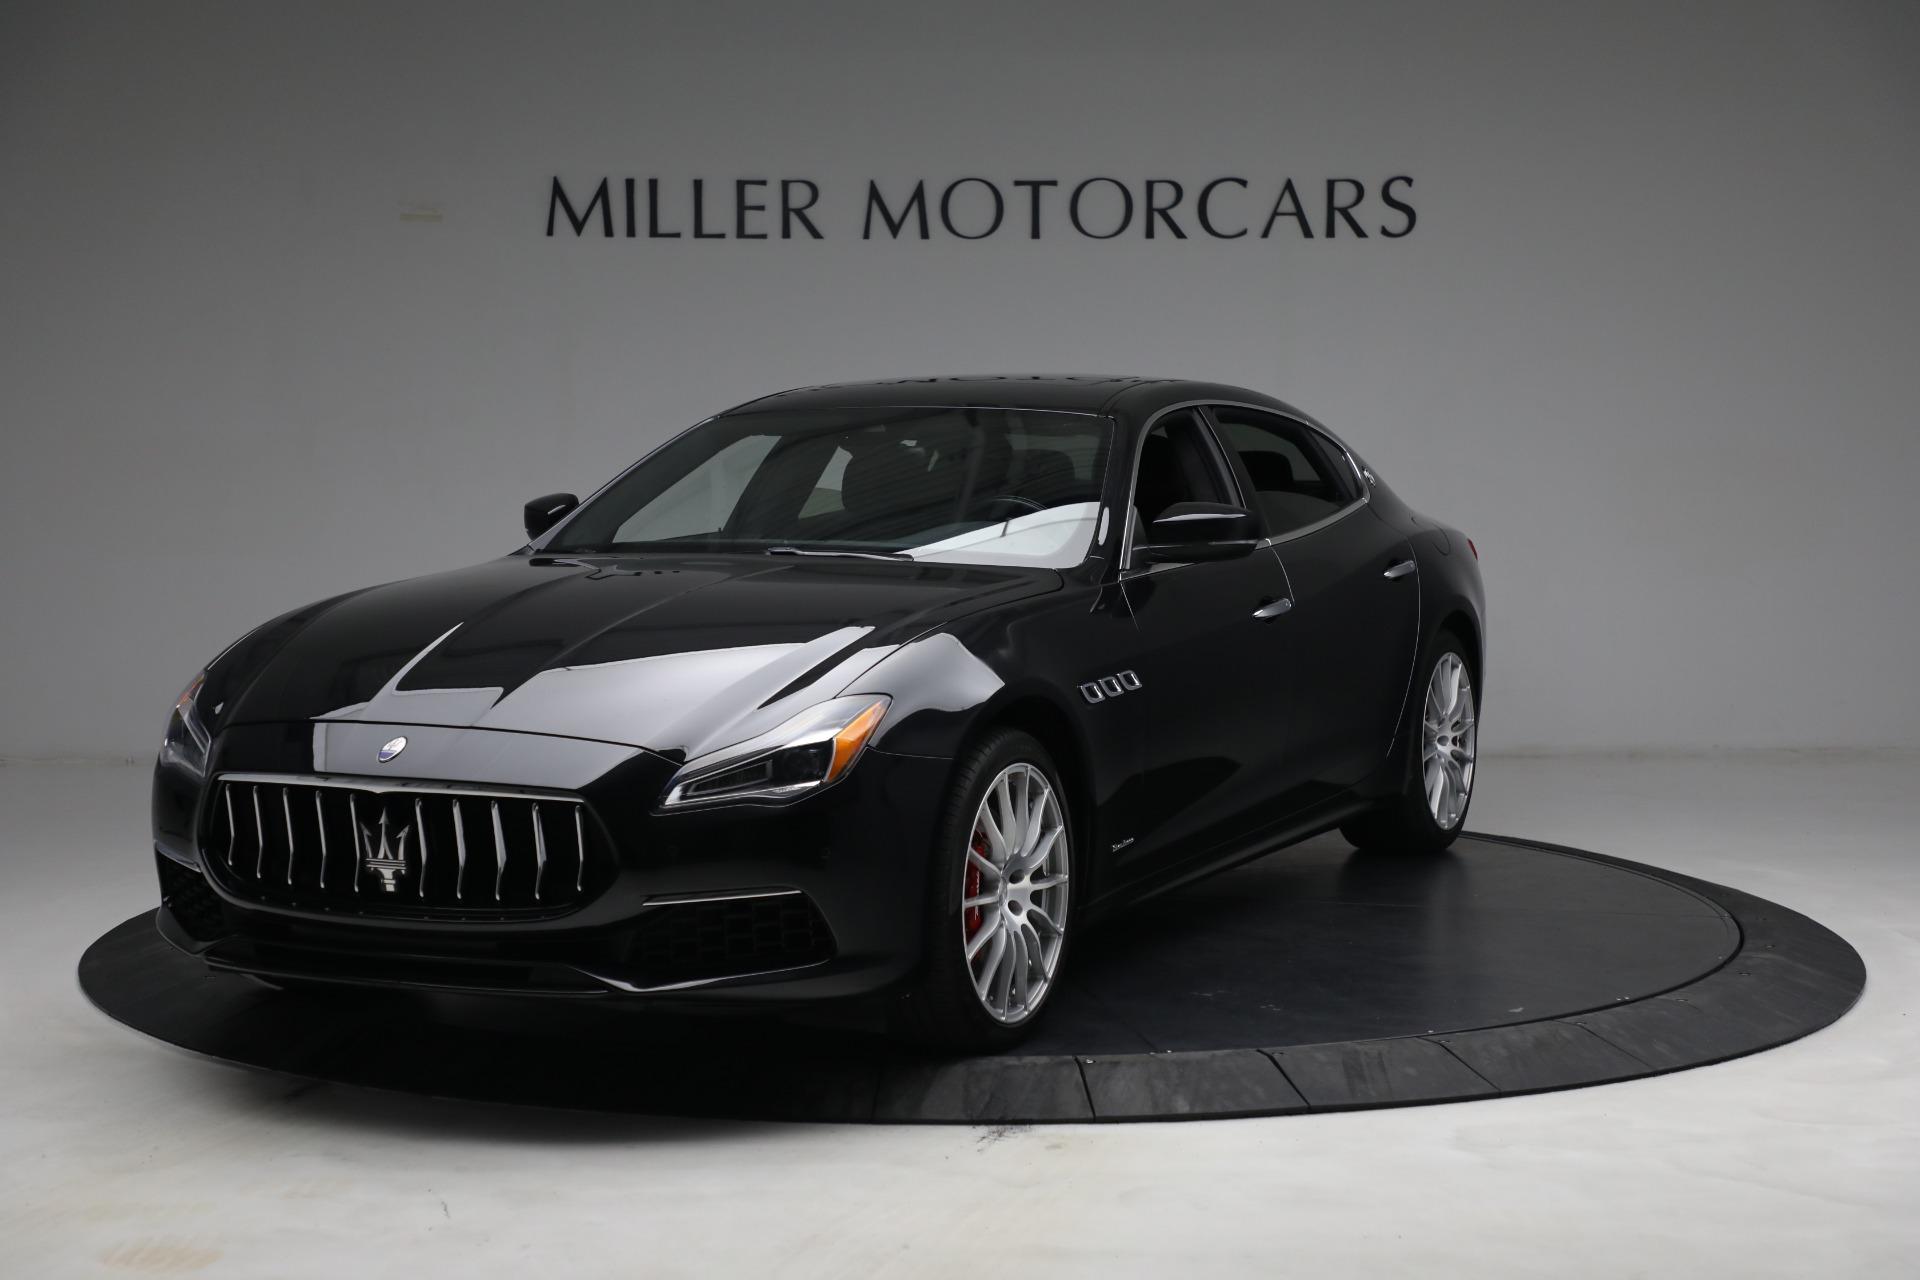 Used 2019 Maserati Quattroporte S Q4 GranLusso for sale $68,900 at Alfa Romeo of Westport in Westport CT 06880 1